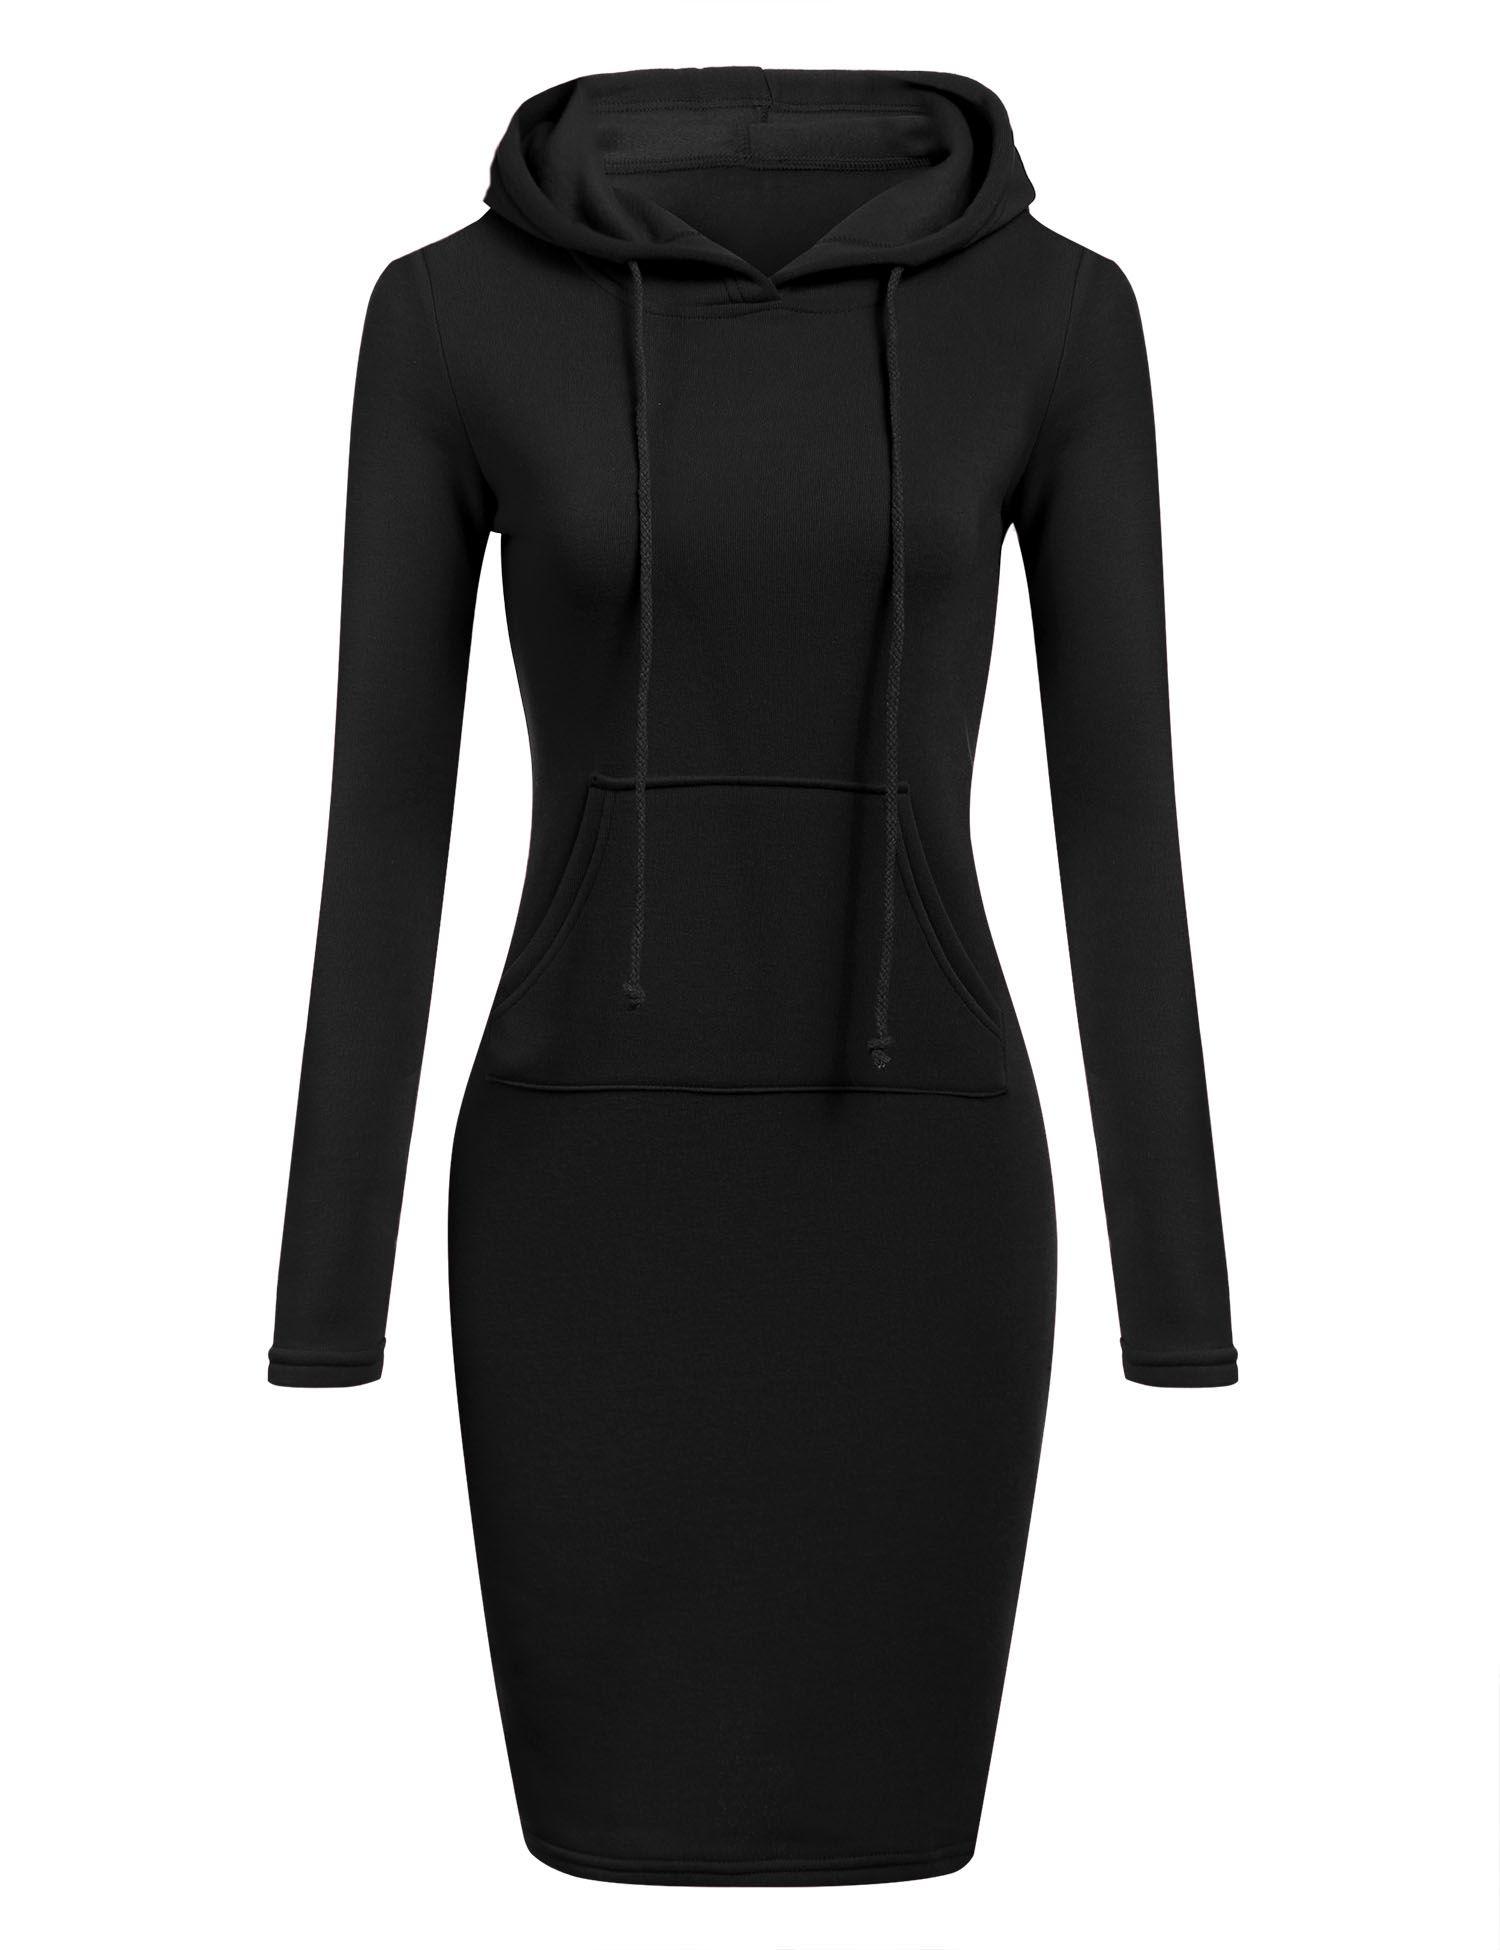 Black Slim Hooded Long Sleeve Solid Pencil Hoodie Casual Dresses Dresslink Com Womens Sweatshirt Dress Hoodie Dress Women Hoodies Sweatshirts [ 1950 x 1500 Pixel ]